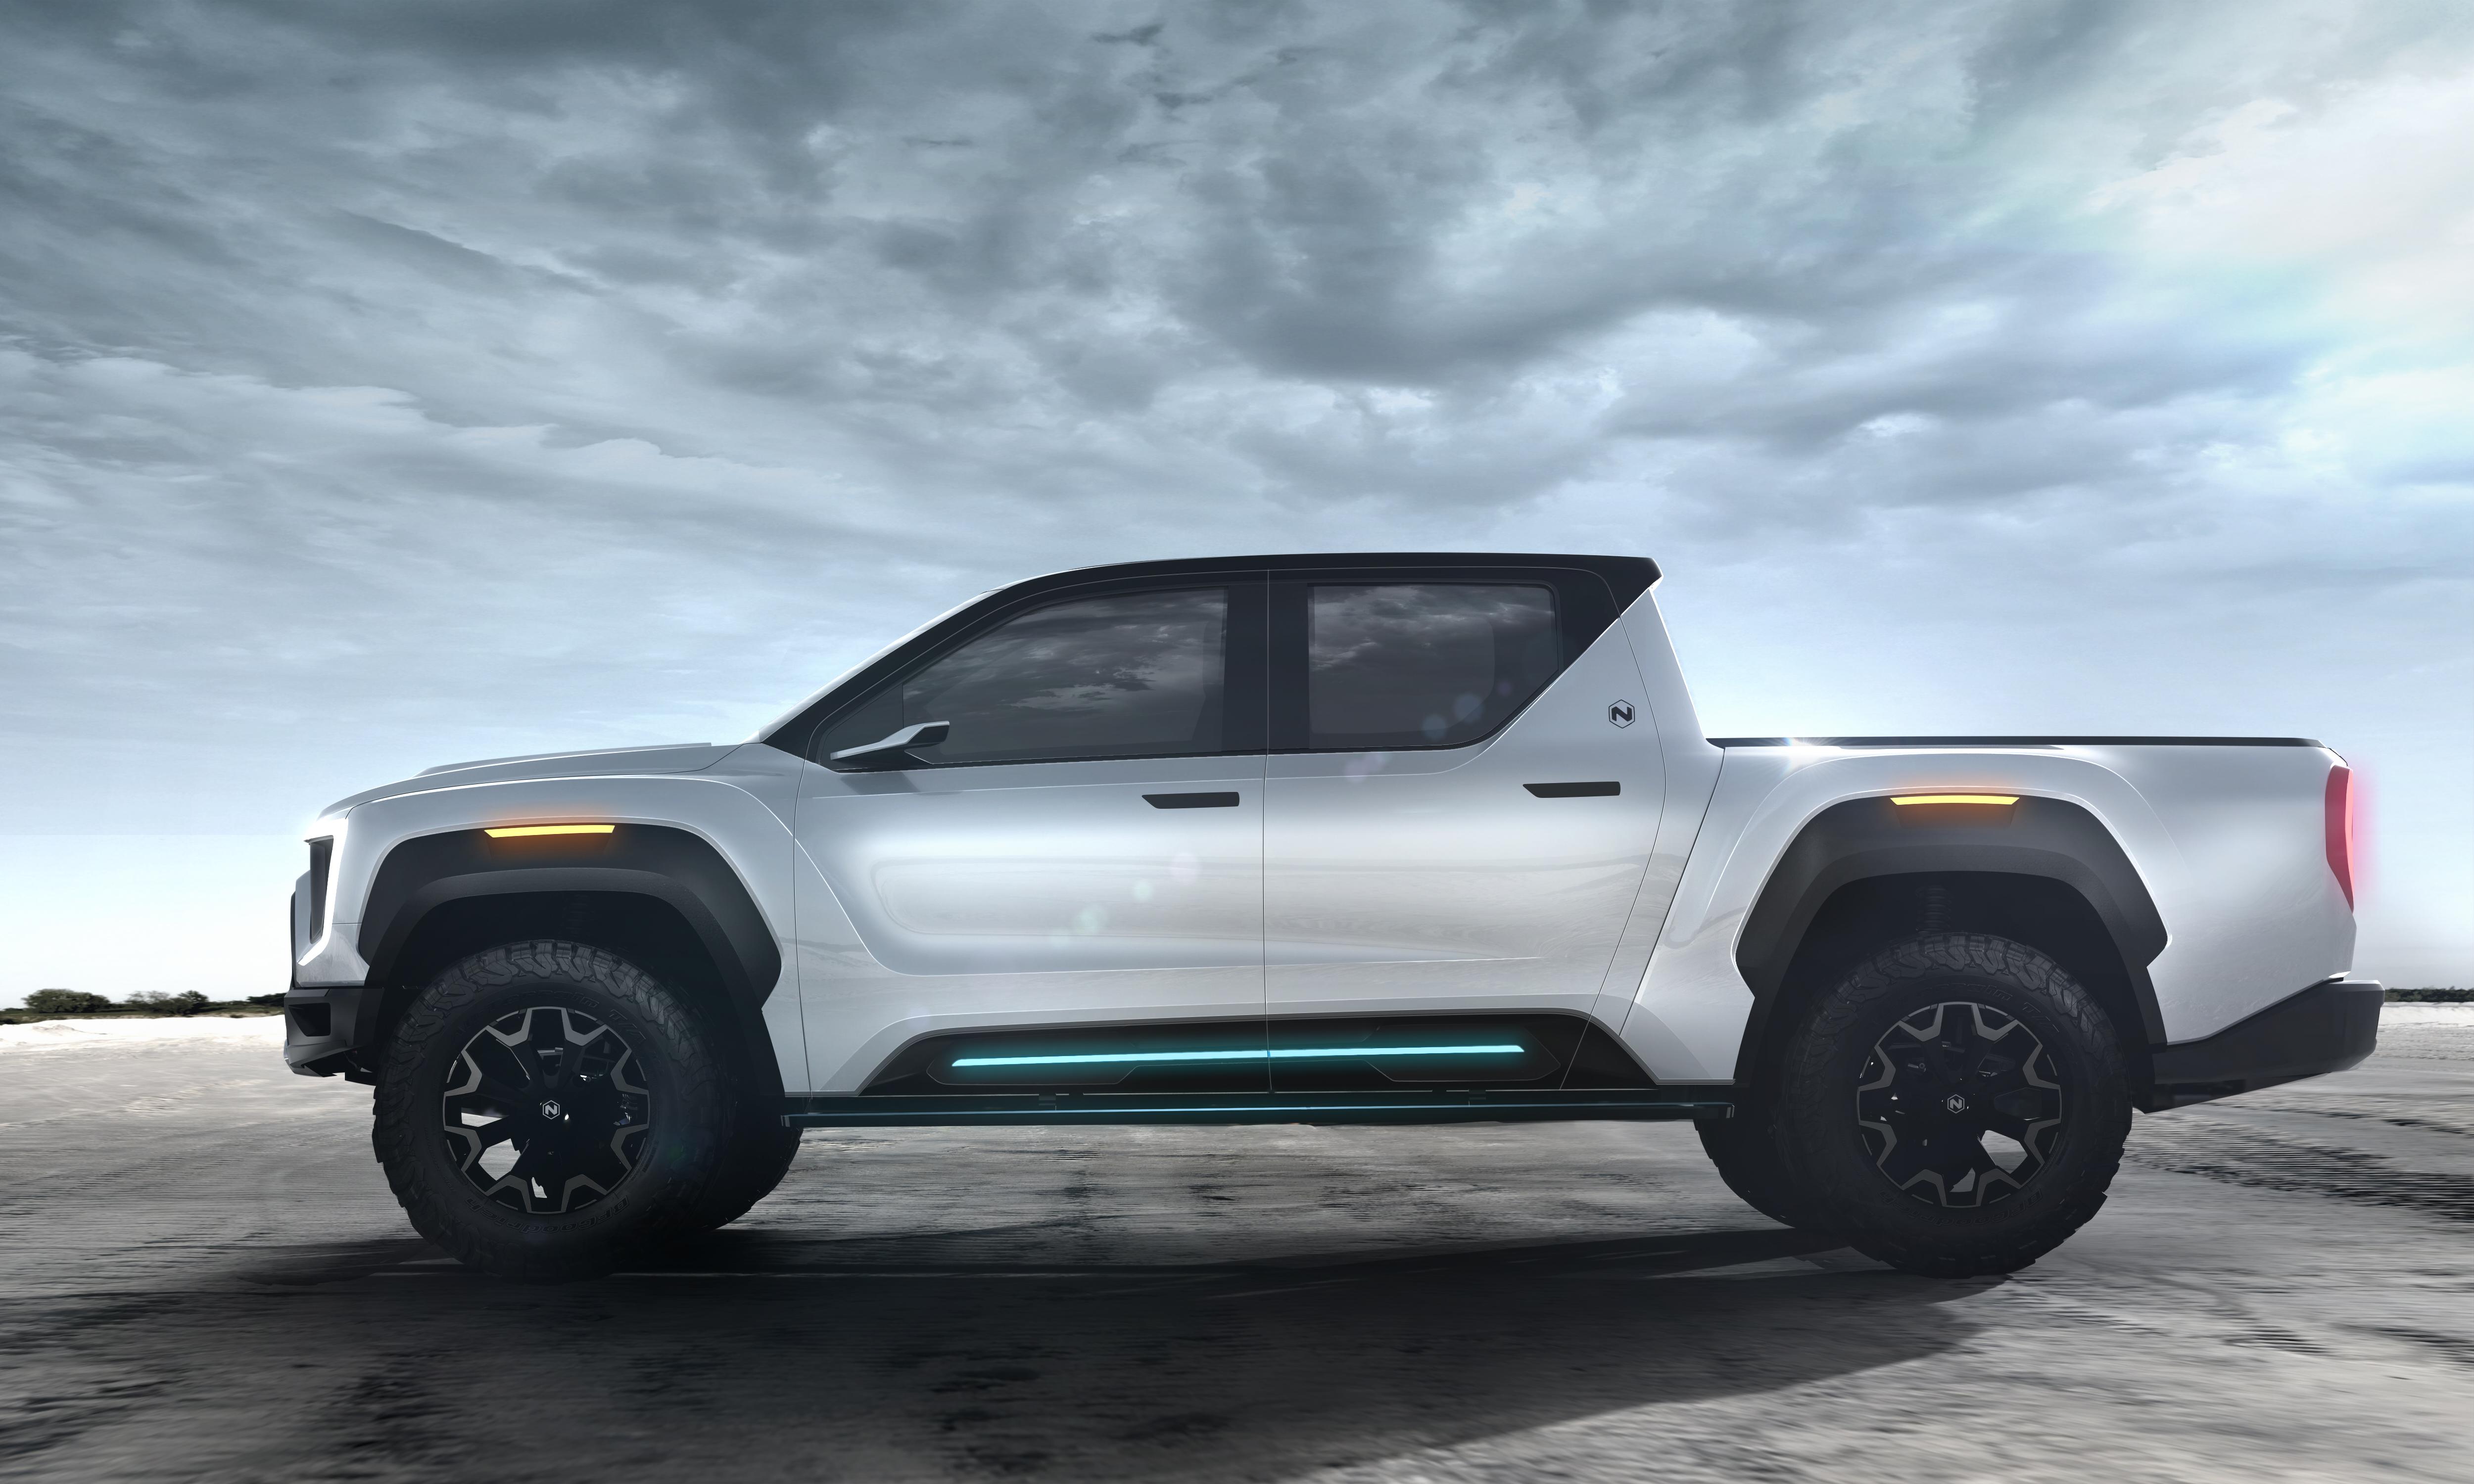 Electric Pickup Truck Battle Begins: Rivian v Nikola v Tesla